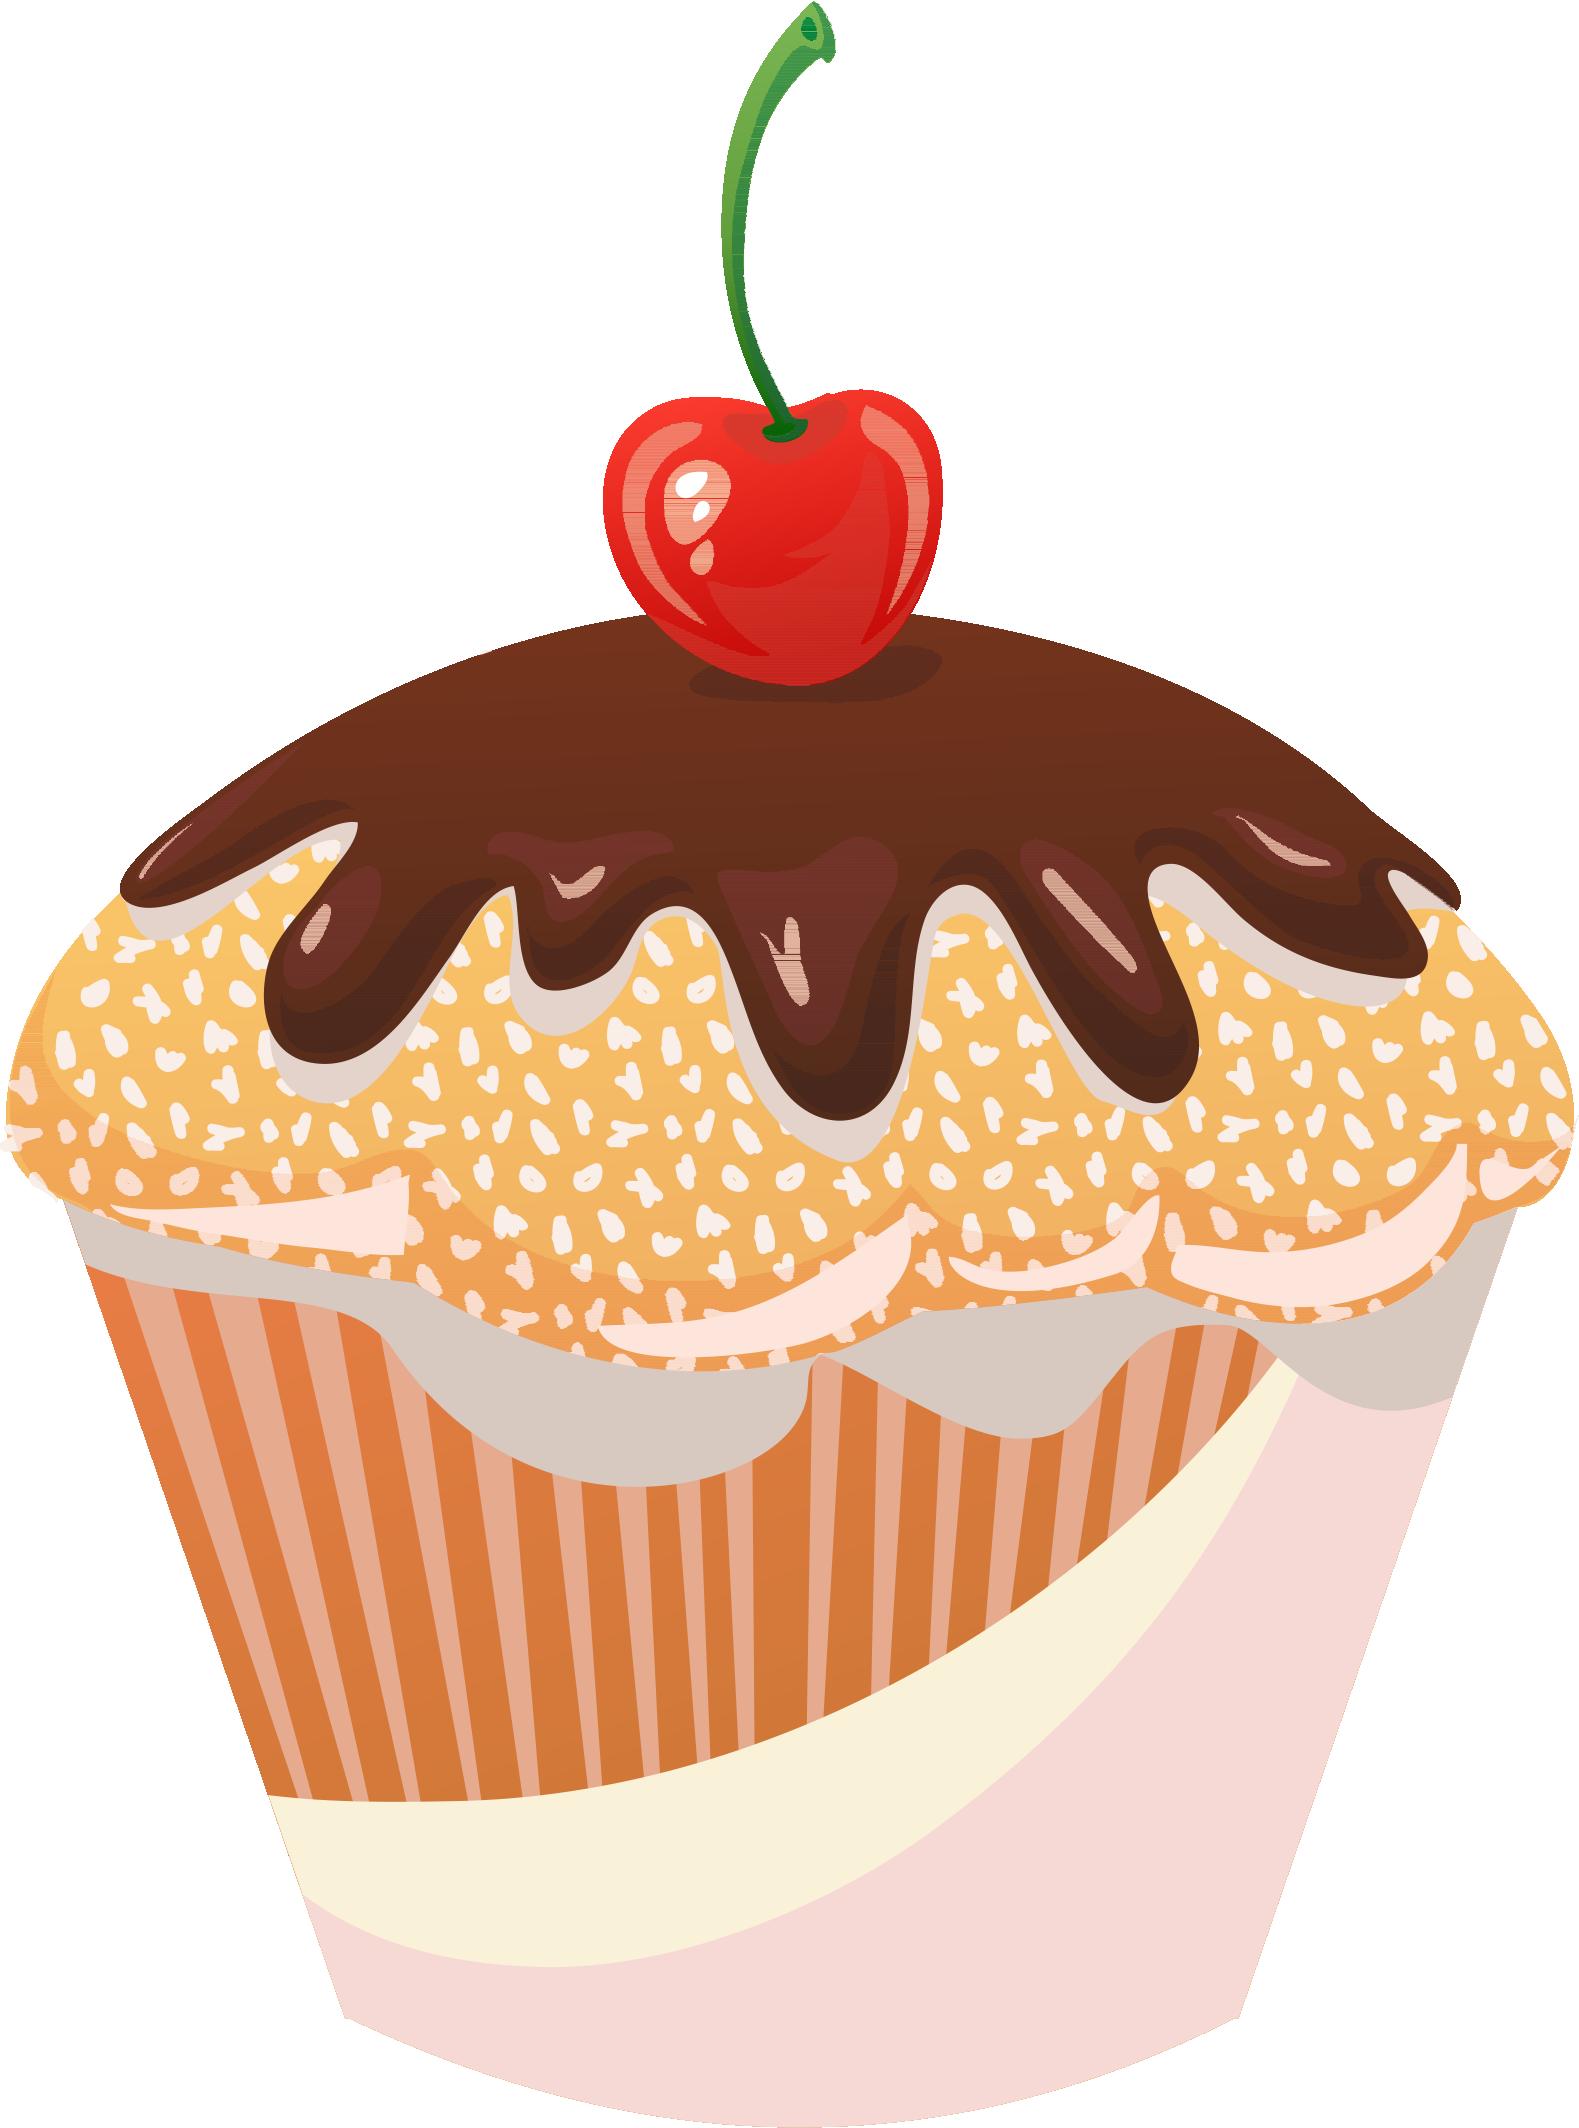 Dessert clipart orange. Muffin png tshirt